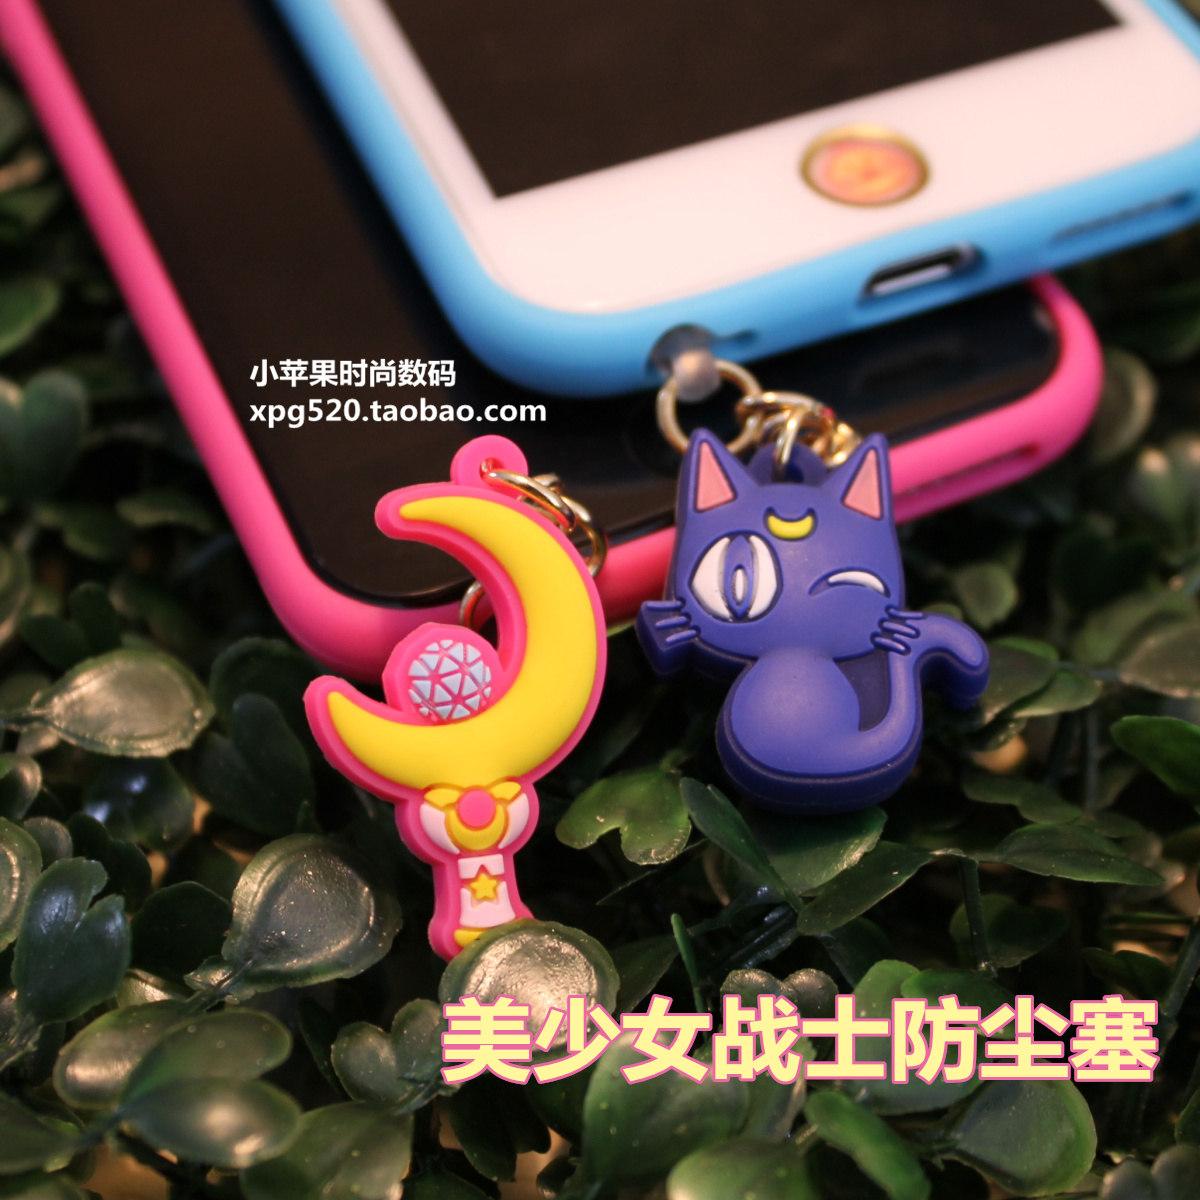 Заглушка   Iphone6/6plus одуванчик дизайн pu кожа флип обложка кошелек карты держатель чехол для sony x performance